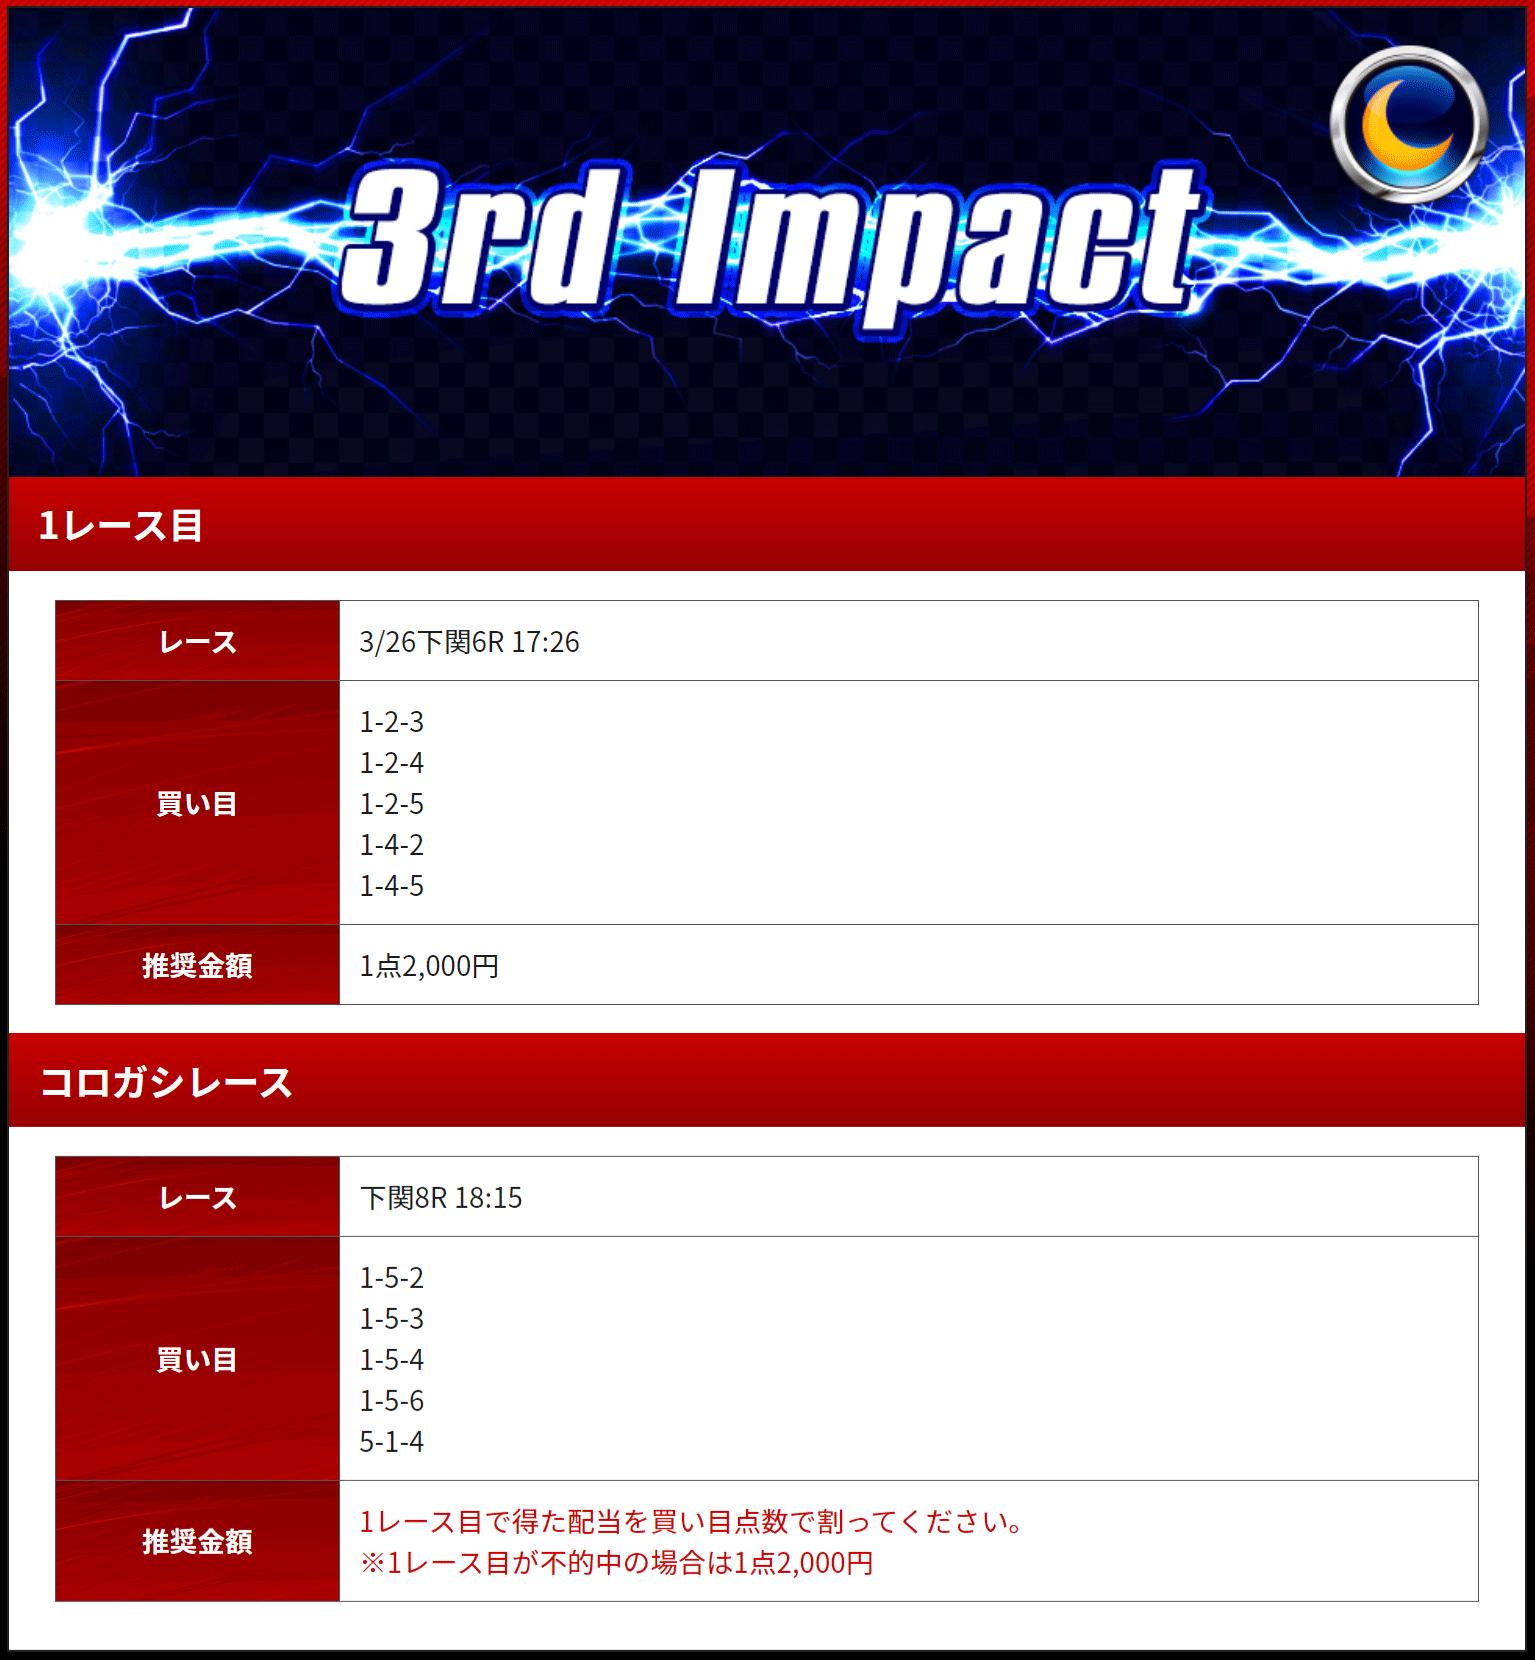 優良 競艇IMPACT(競艇インパクト)の有料プラン「3rd Impact(ナイター)」2020年3月26日買い目 競艇予想サイトの口コミ検証や無料情報の予想結果も公開中